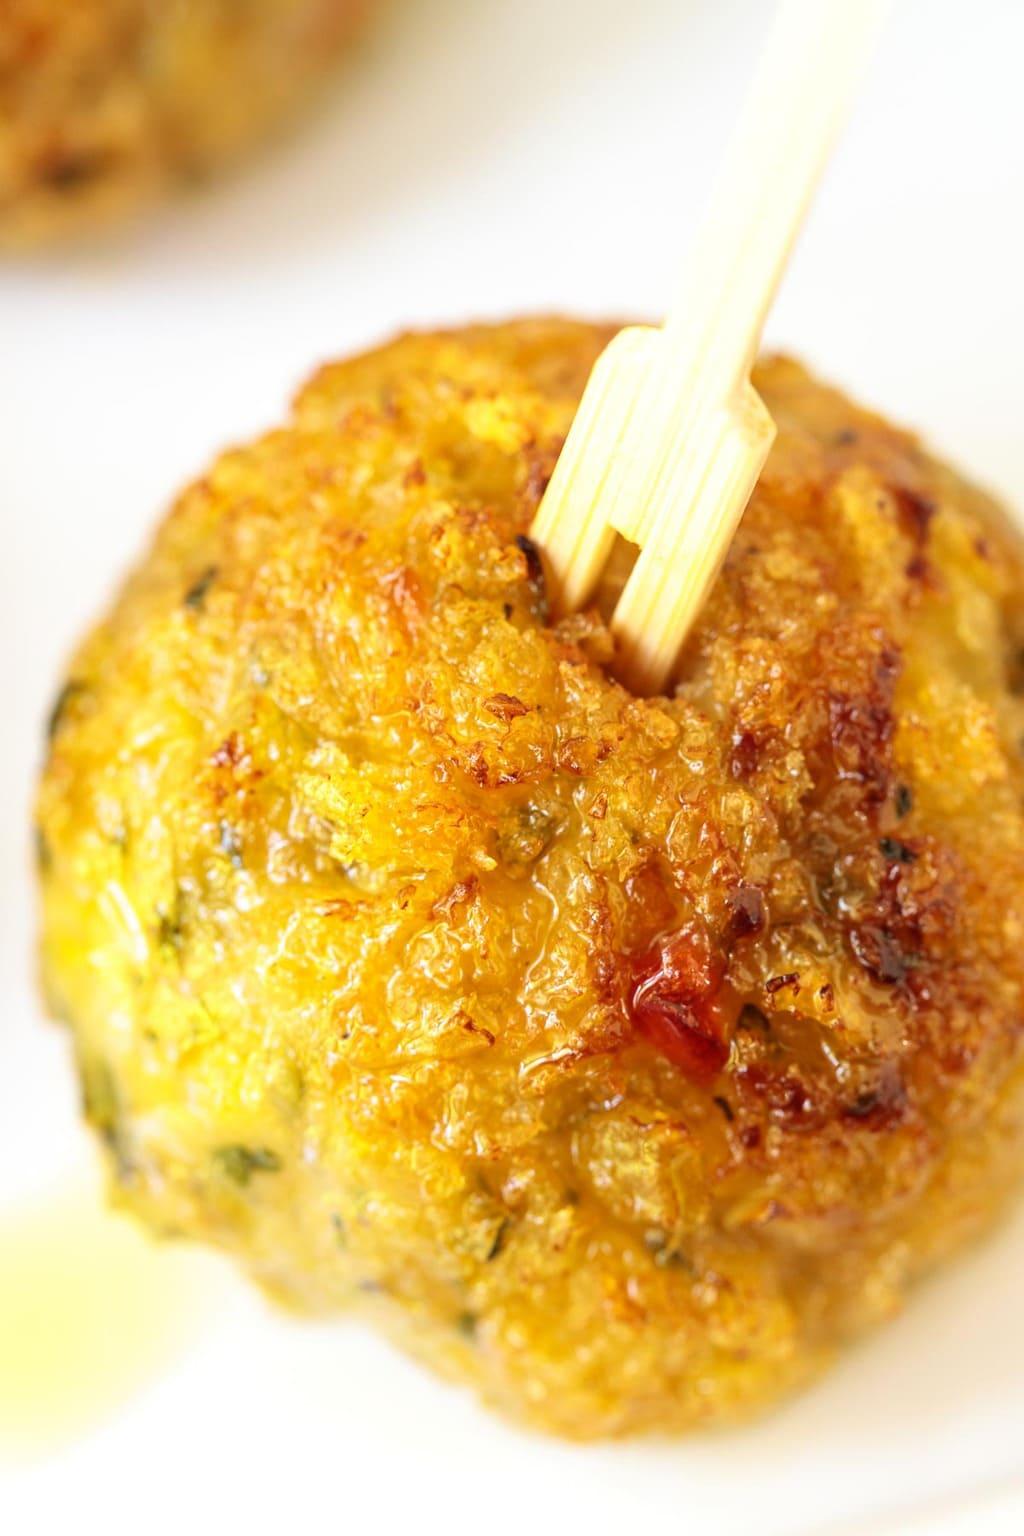 Ultra closeup of a Vietnamese Chicken Meatball.